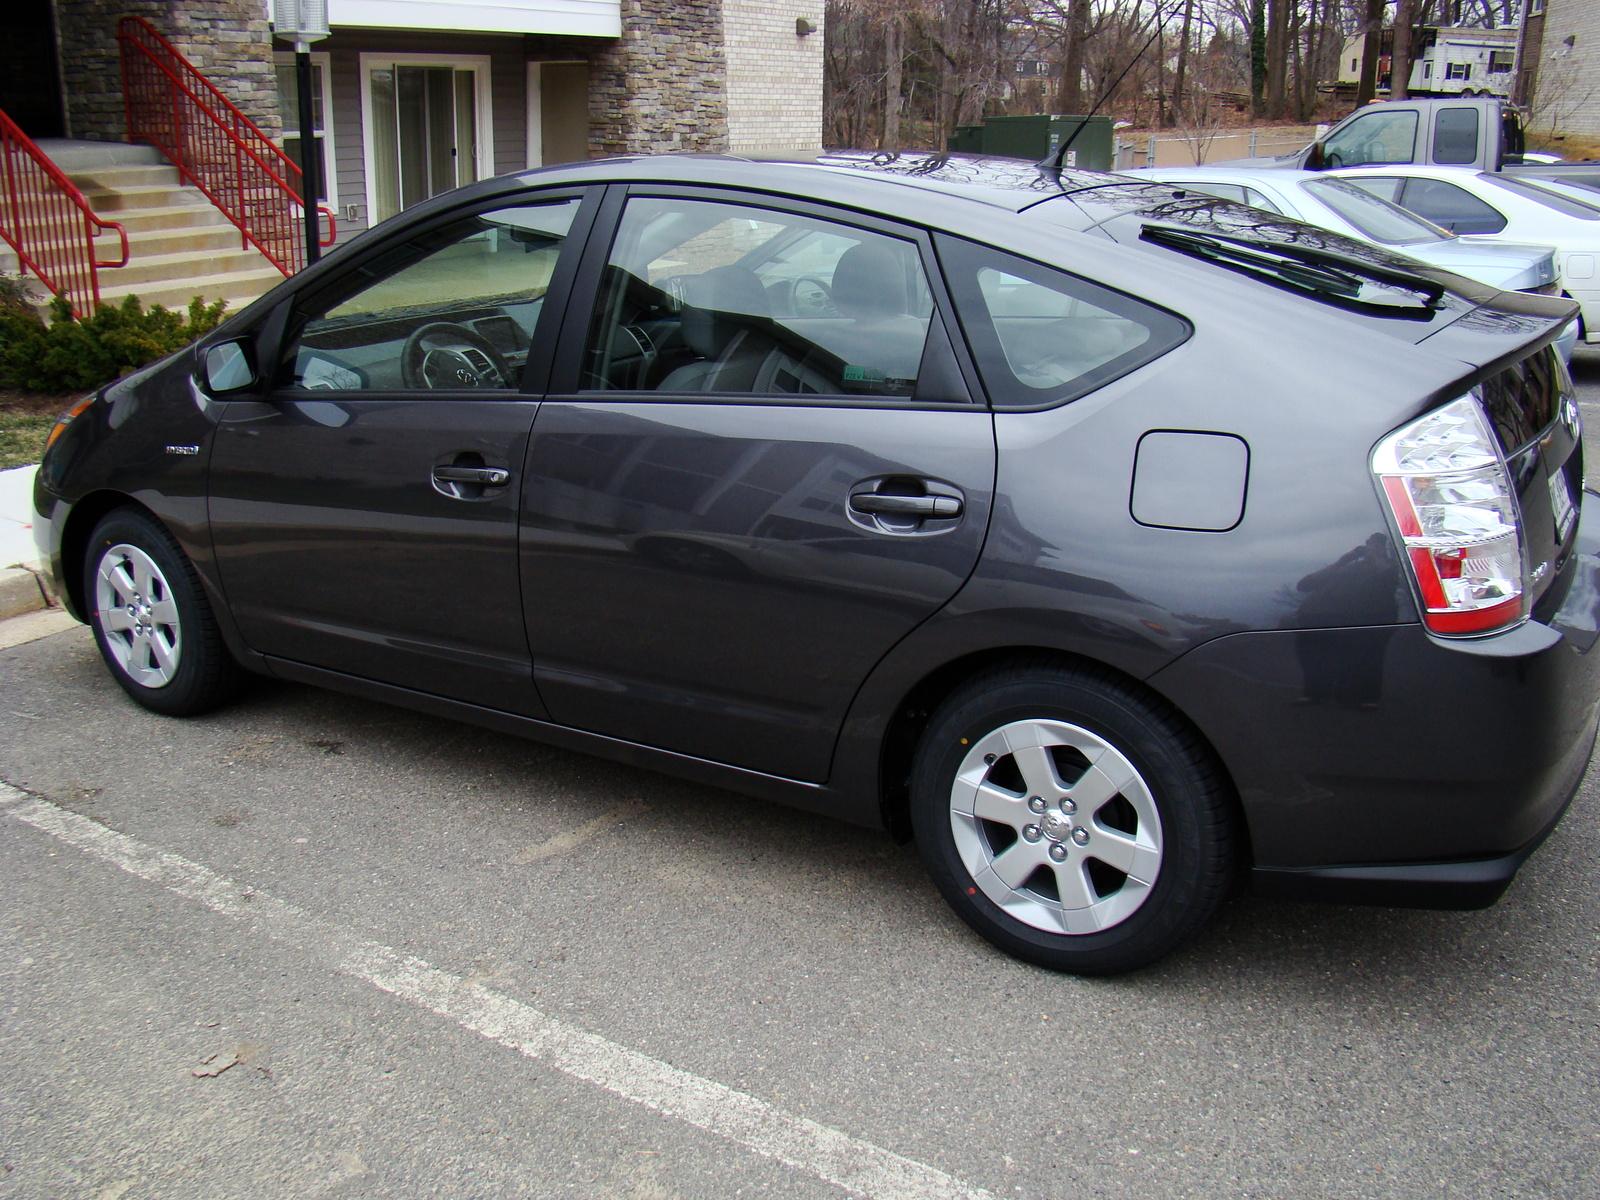 2008 Toyota Prius - Exterior Pictures - CarGurus